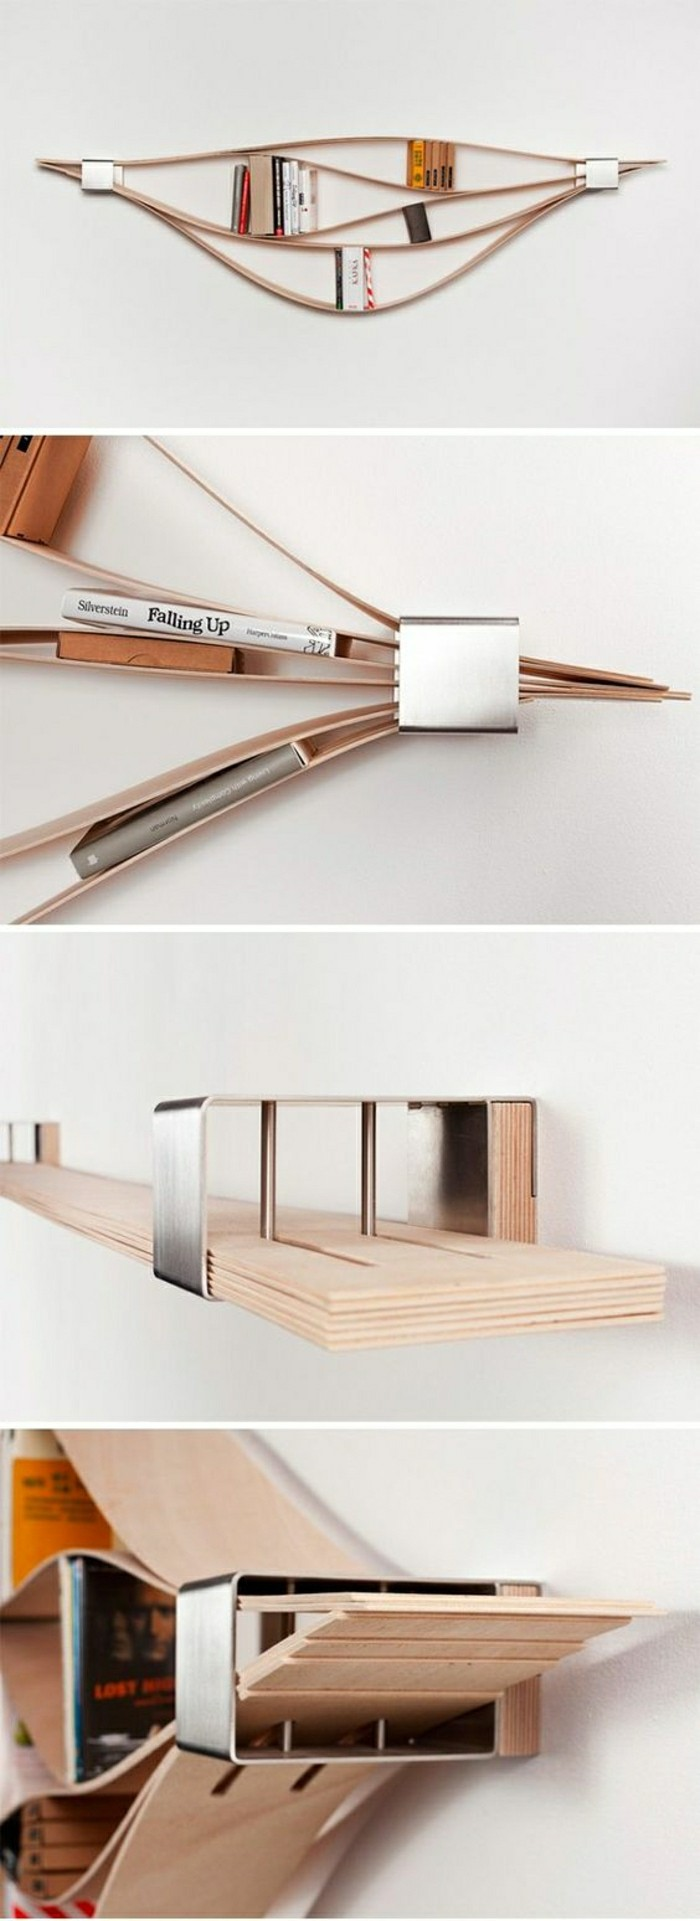 2-bibliothèque-conforama-en-bois-clair-etagere-design-moderne-pour-ranger-vos-livres